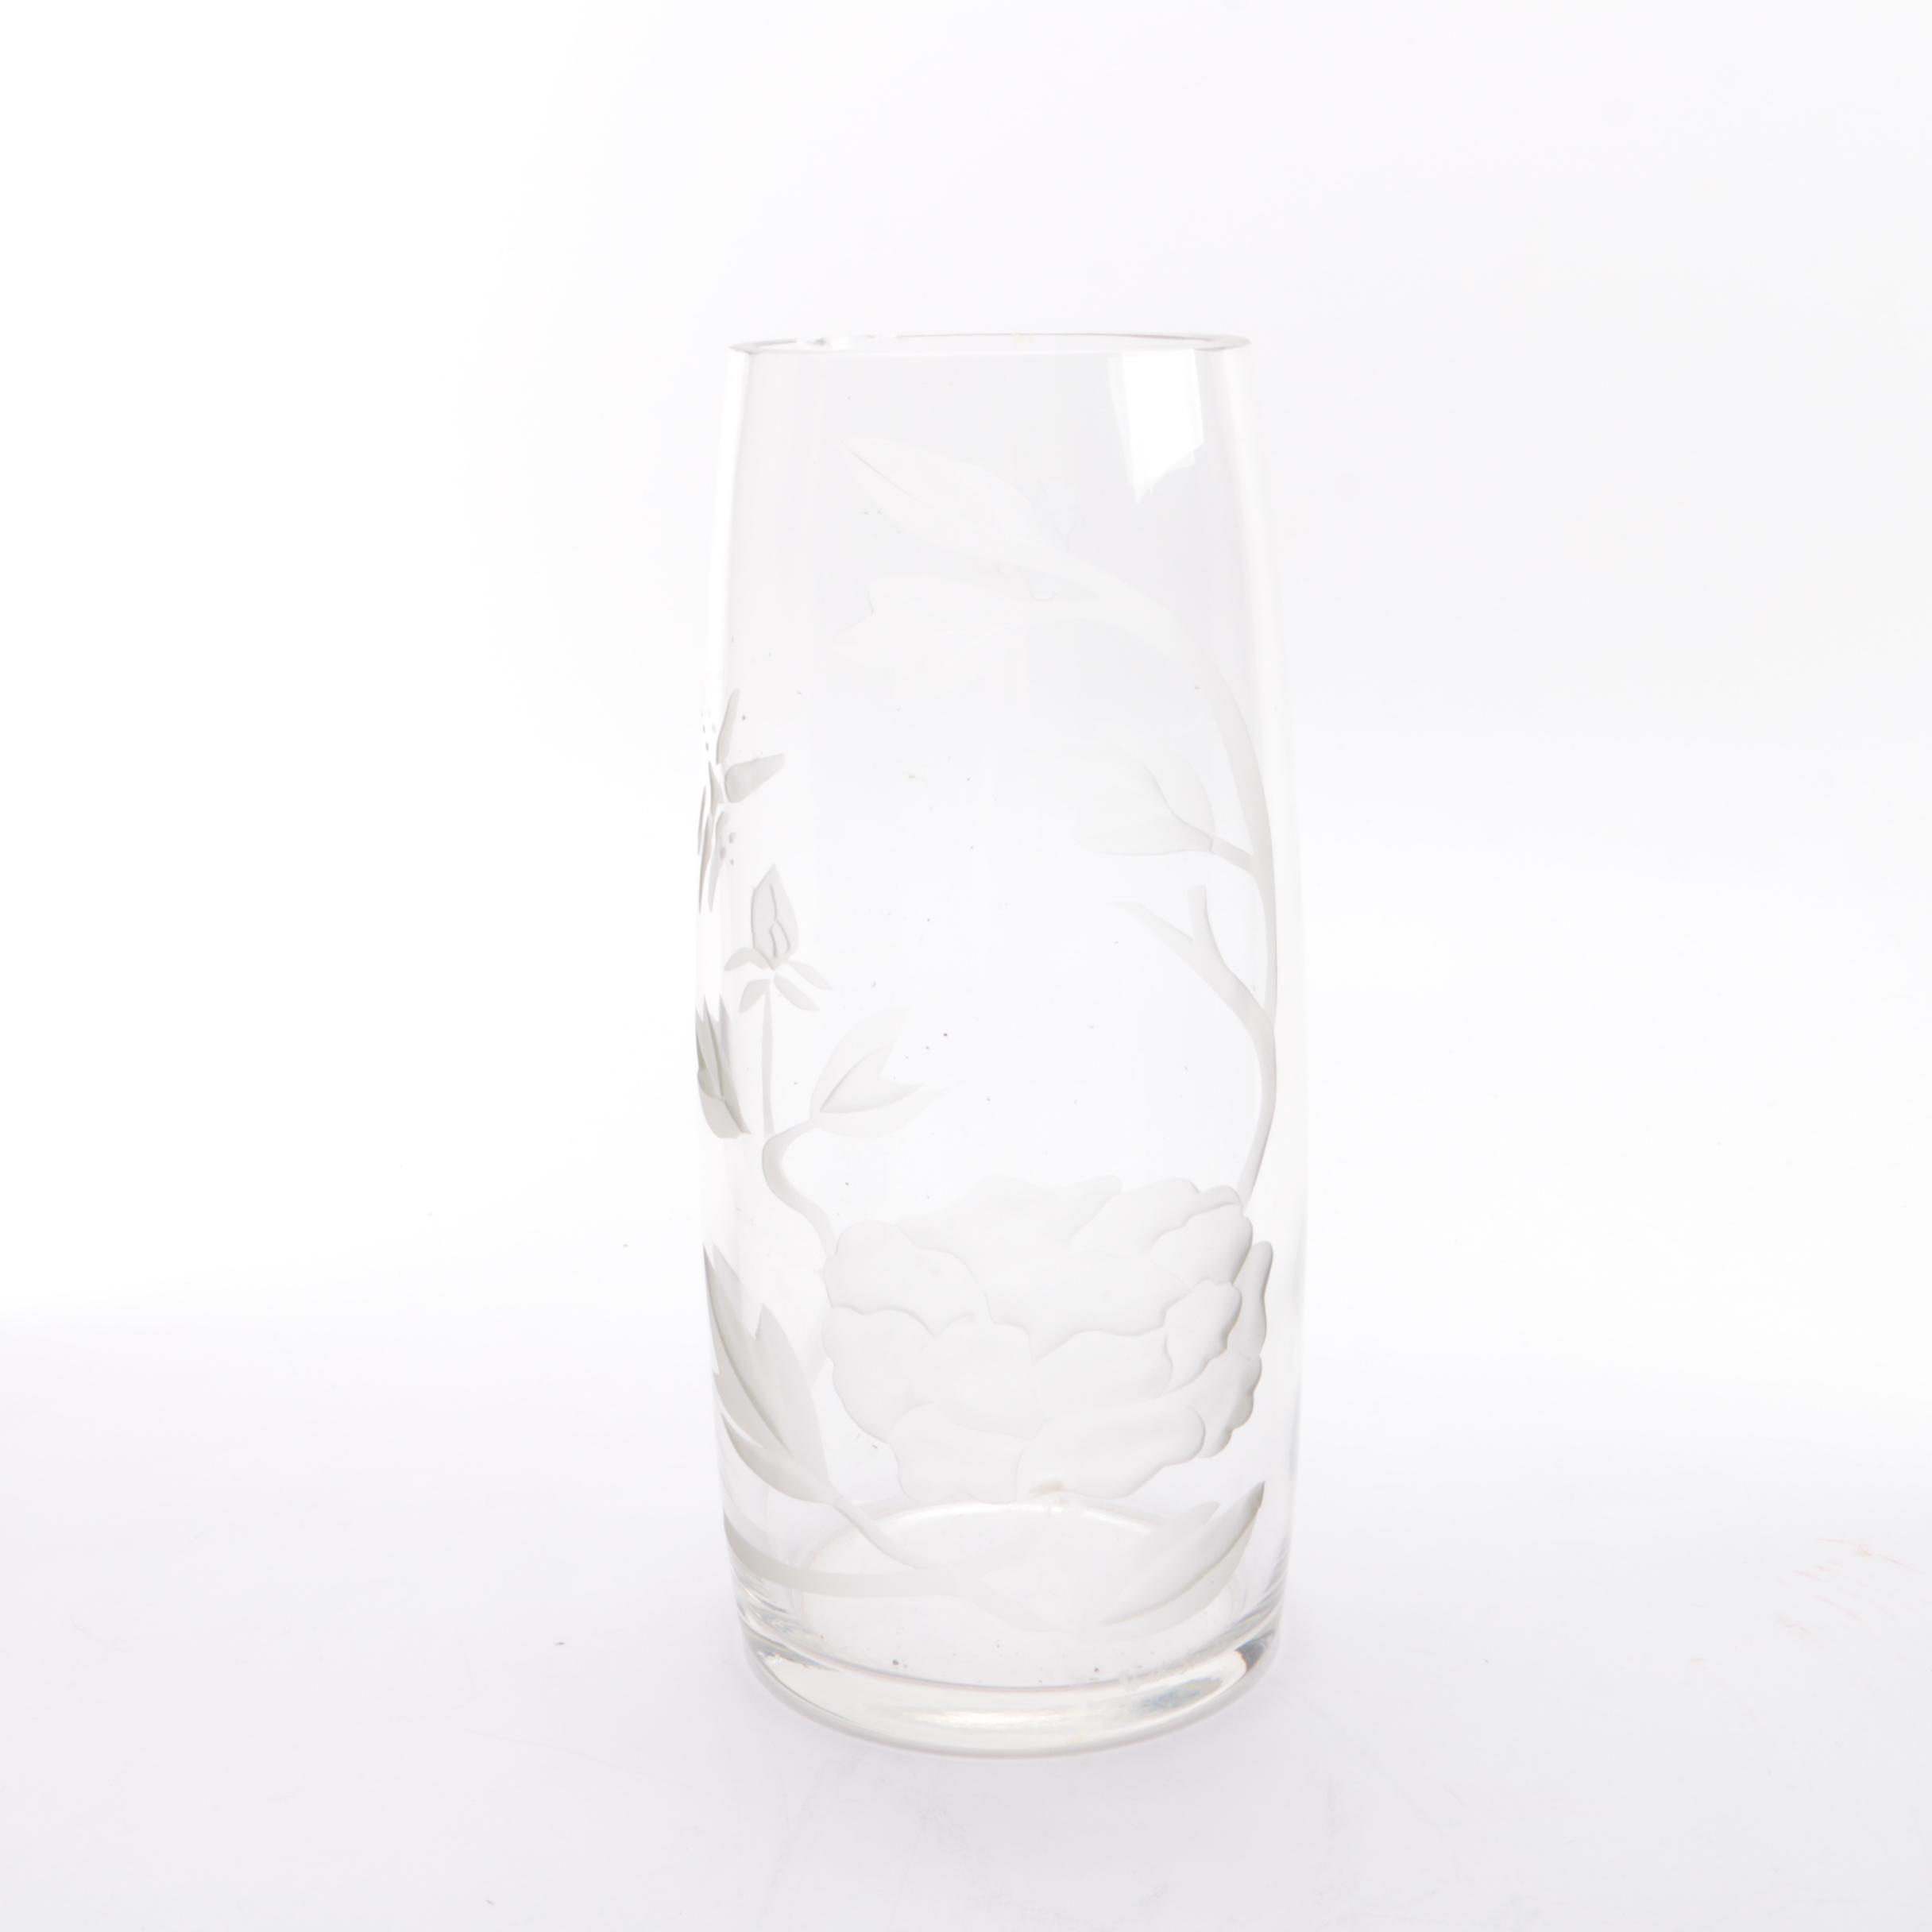 Vicki Santo Signed Floral Crystal Vase